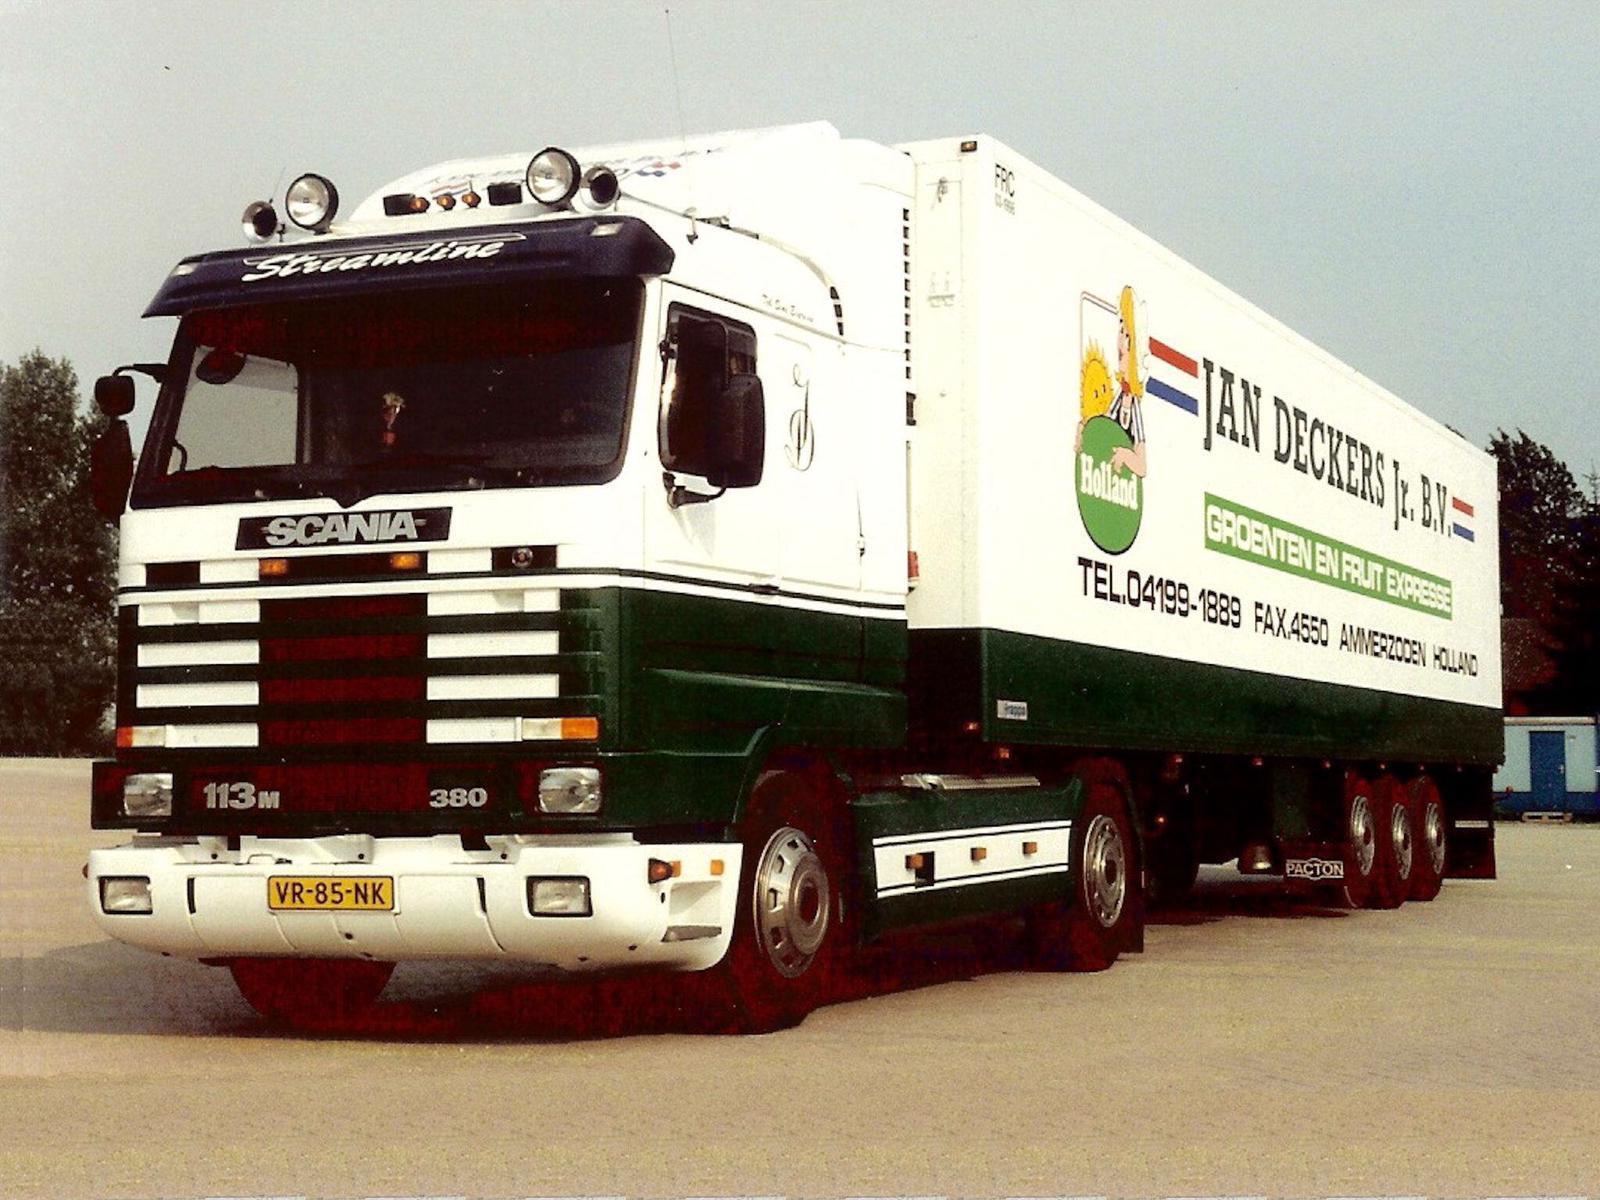 Scania-VR-85-NK